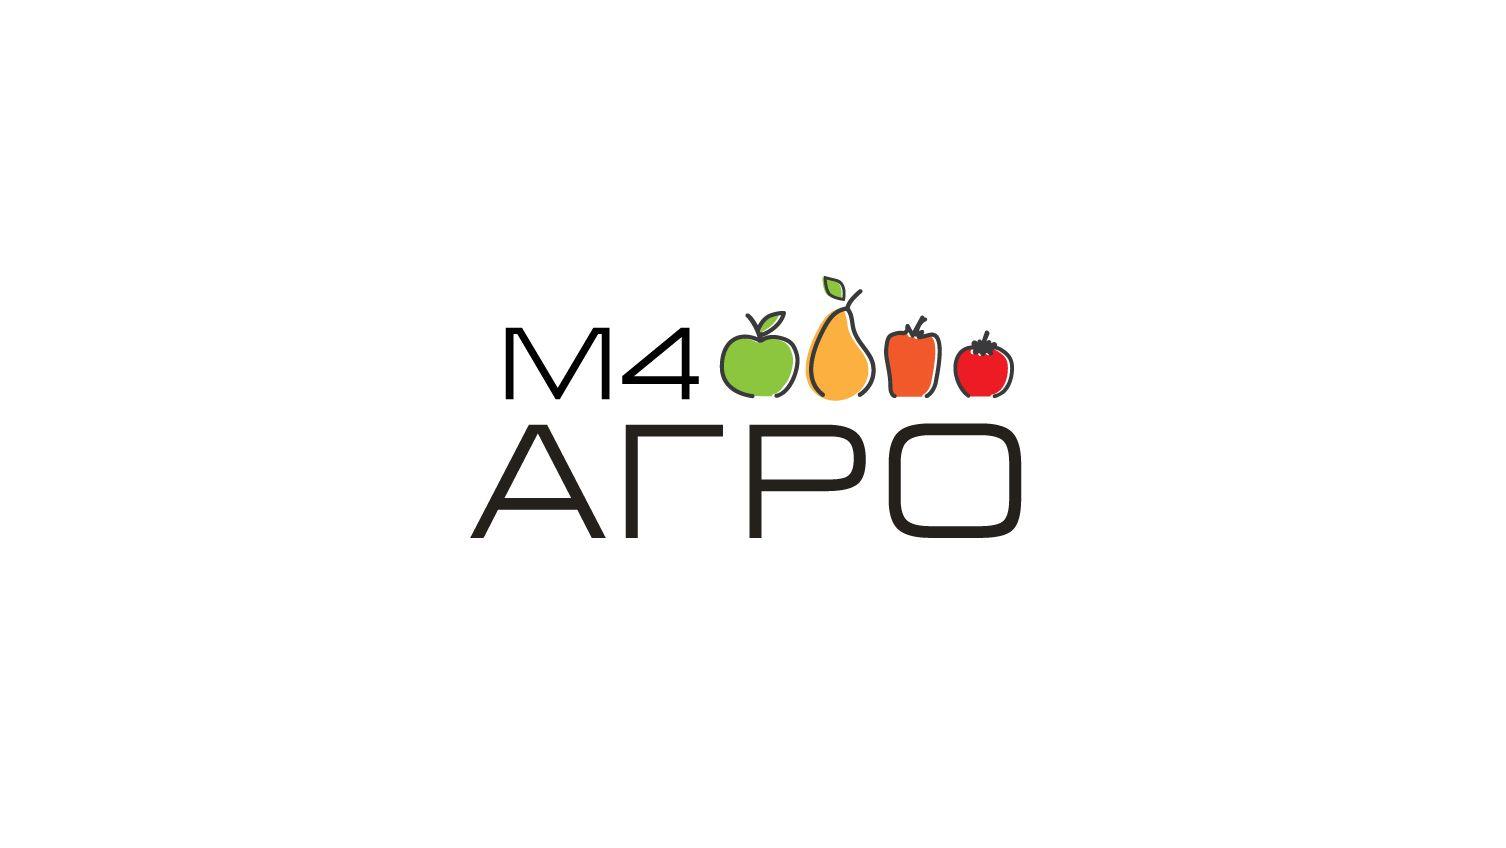 Логотип для M4 АГРО - Российские фрукты - дизайнер peps-65